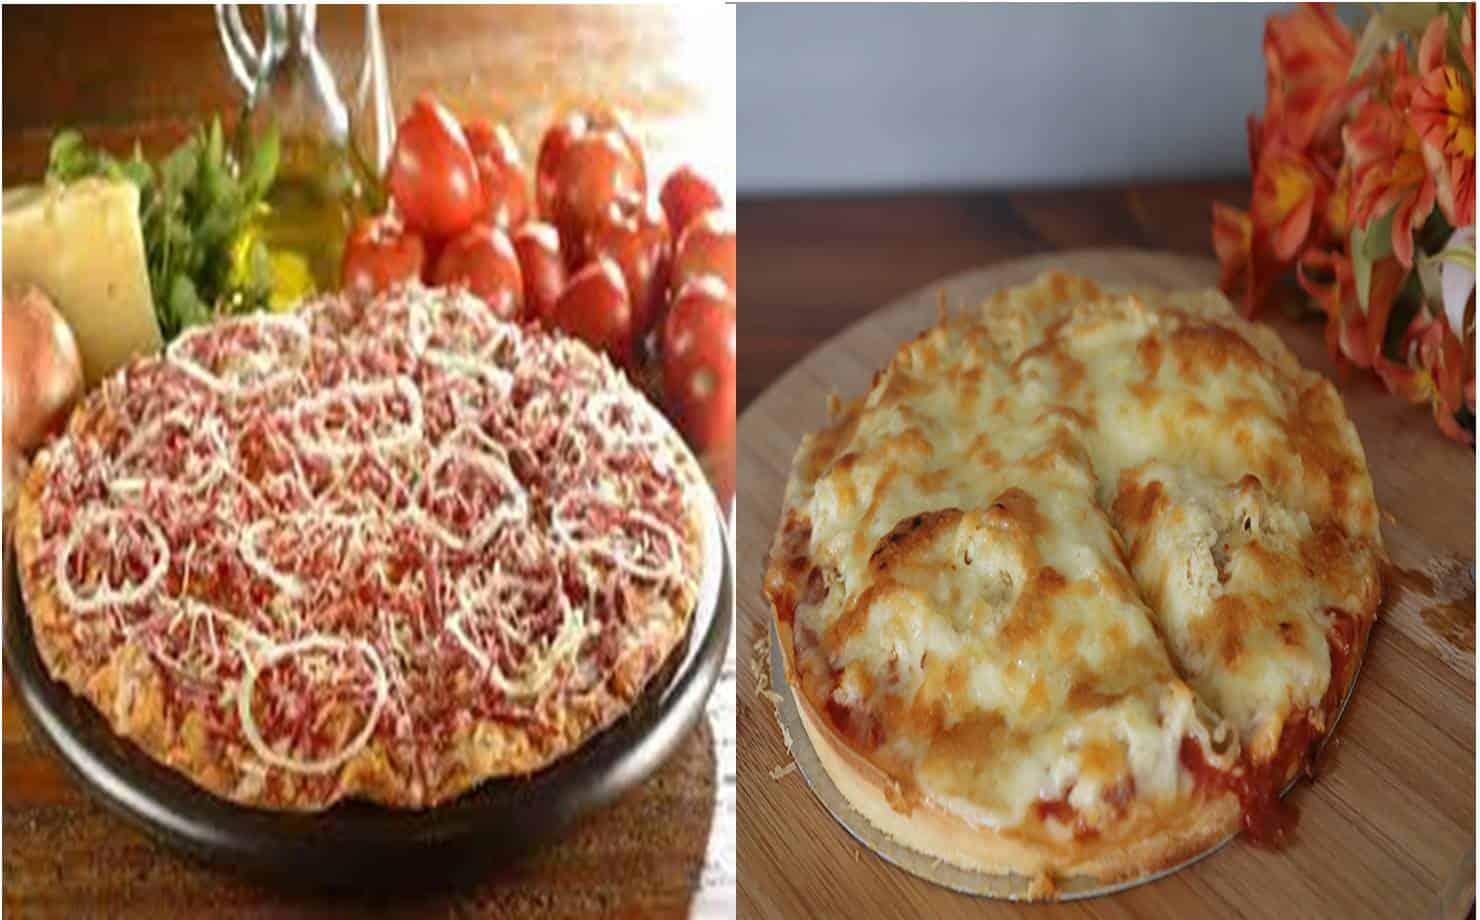 2 receitas deliciosas feitas no liquidificador para comemorar o dia da Pizza